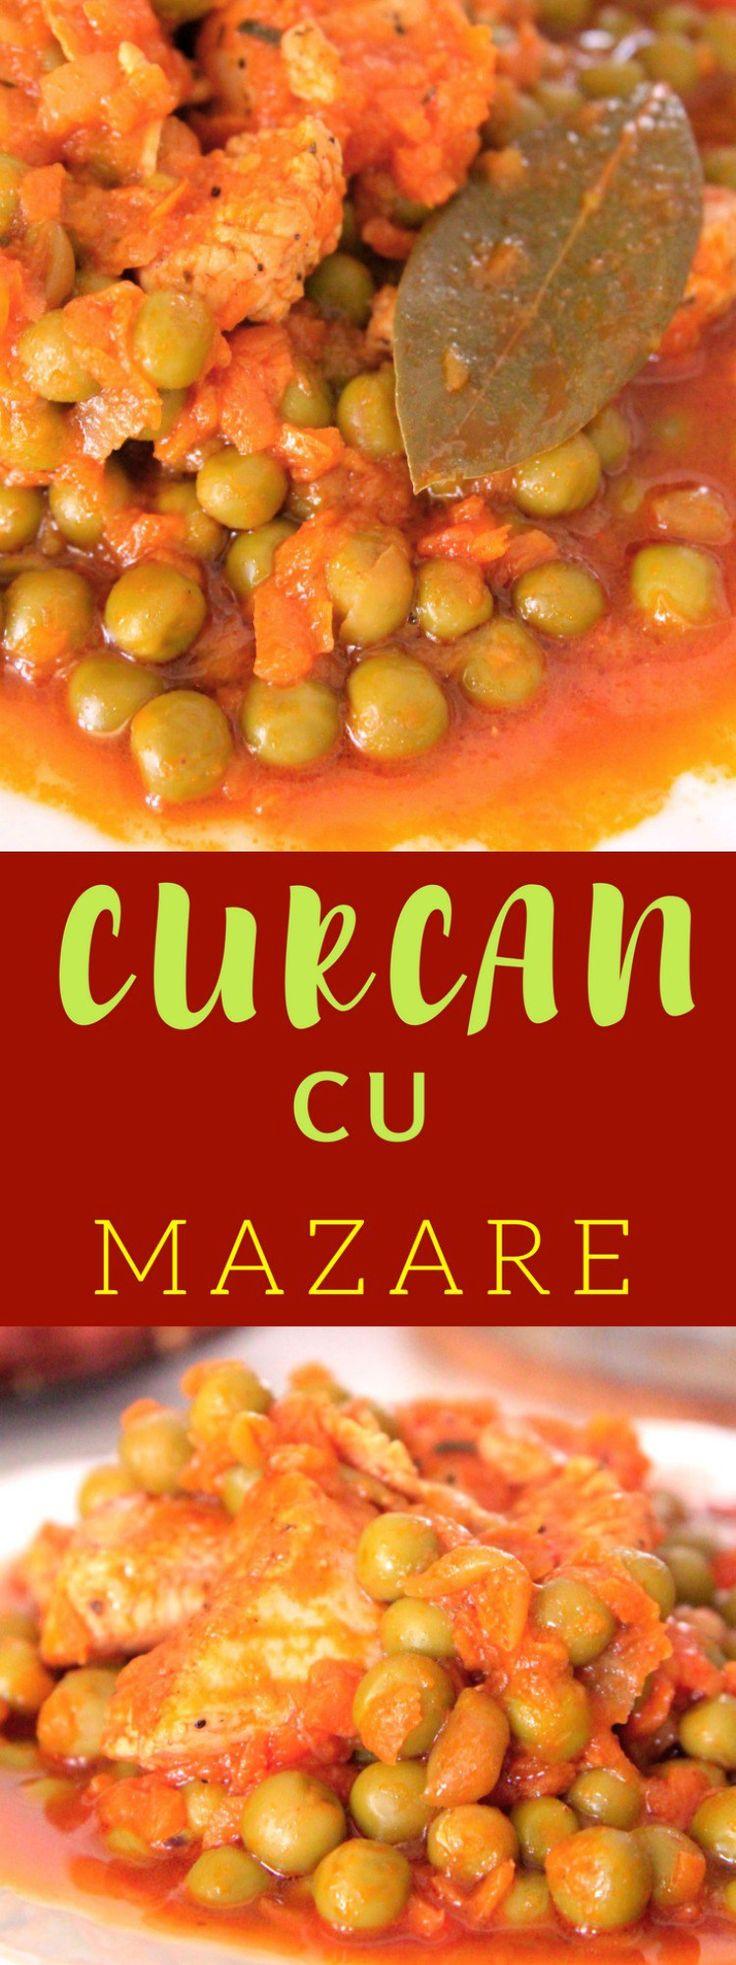 MAZARE CU PIEPT DE CURCAN - Pregateste rapid o masă gustoasă pentru intreaga familie cu aceasta reteta de mazare cu piept de curcan! Ușor de pregătit și chiar mai ușor de gătit, cina perfectă din timpul saptamanii!